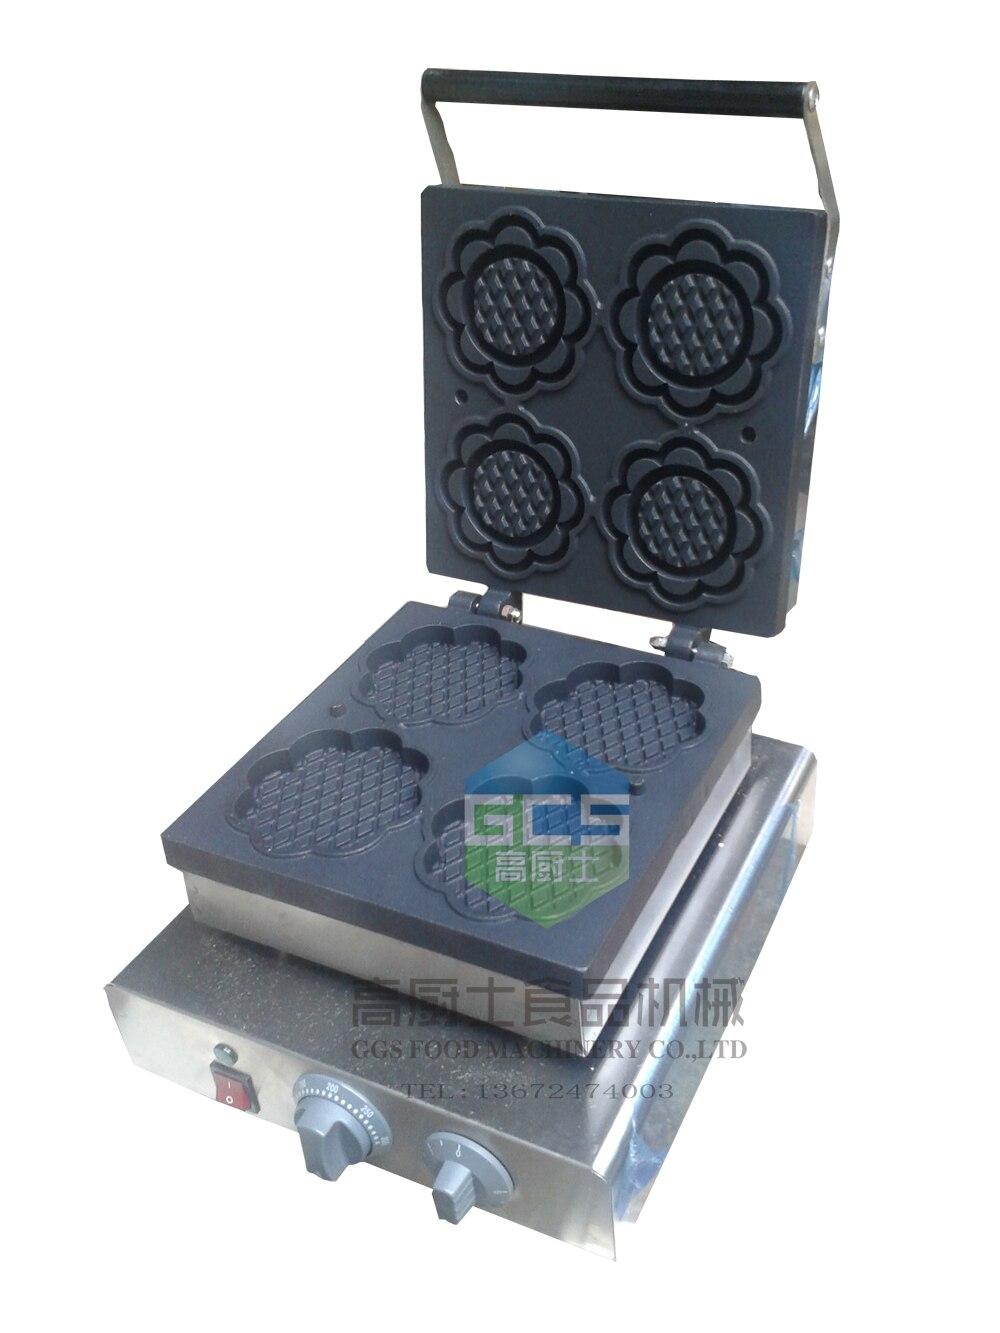 Free shipping~ Electric 220V 110V Sunflower waffle machine/ waffle making machine 110v 220v automatic donut making machines with 3 mold free shipping